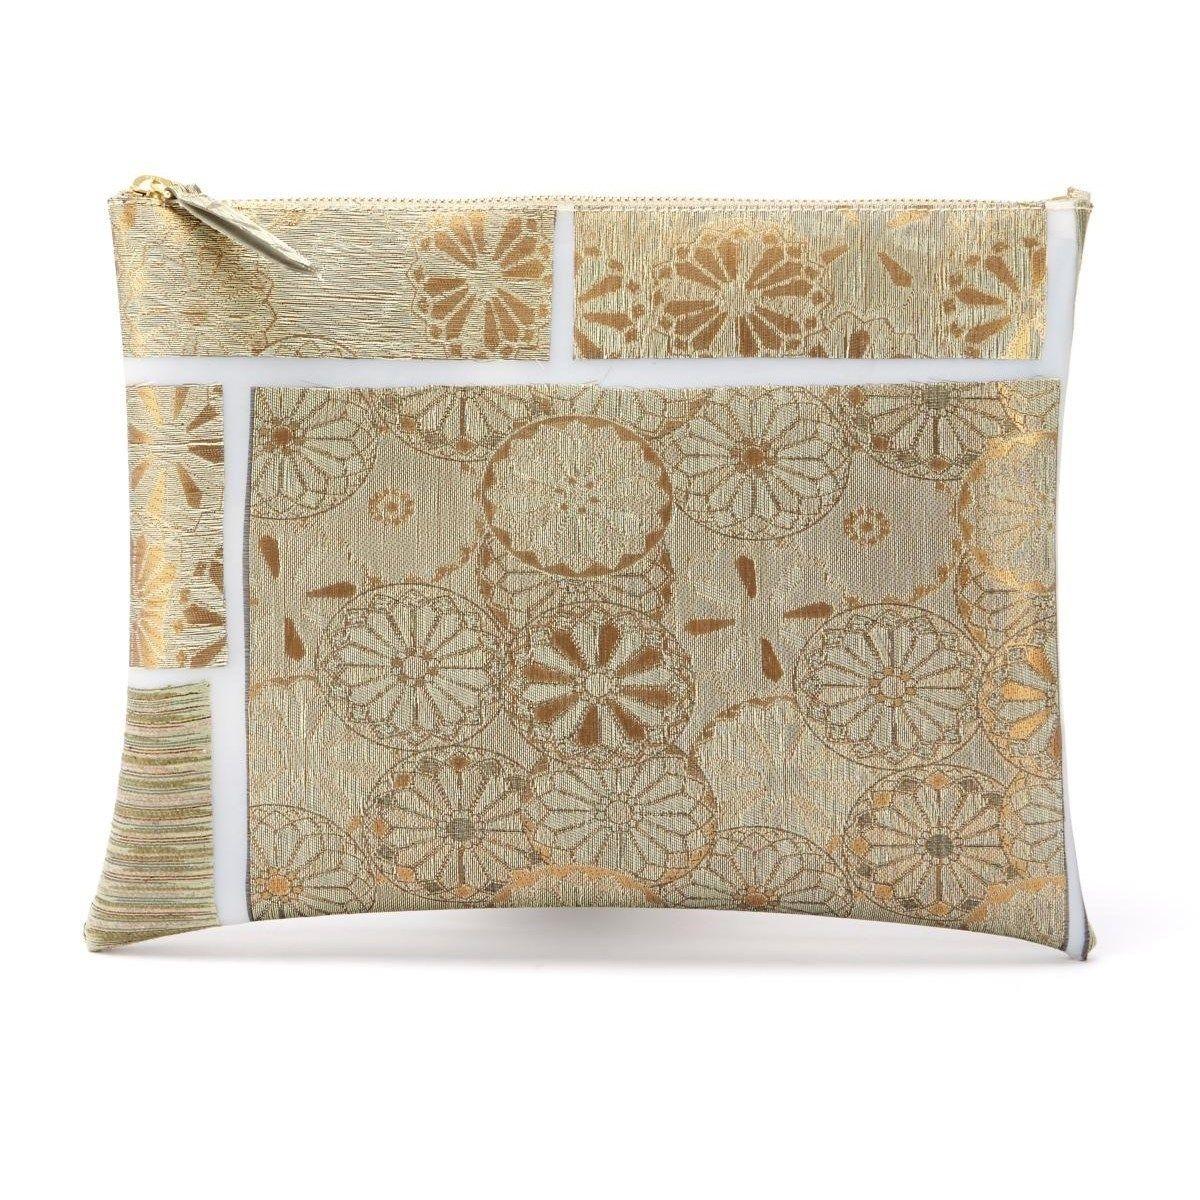 Pochette large tissus précieux Fil textile Milano